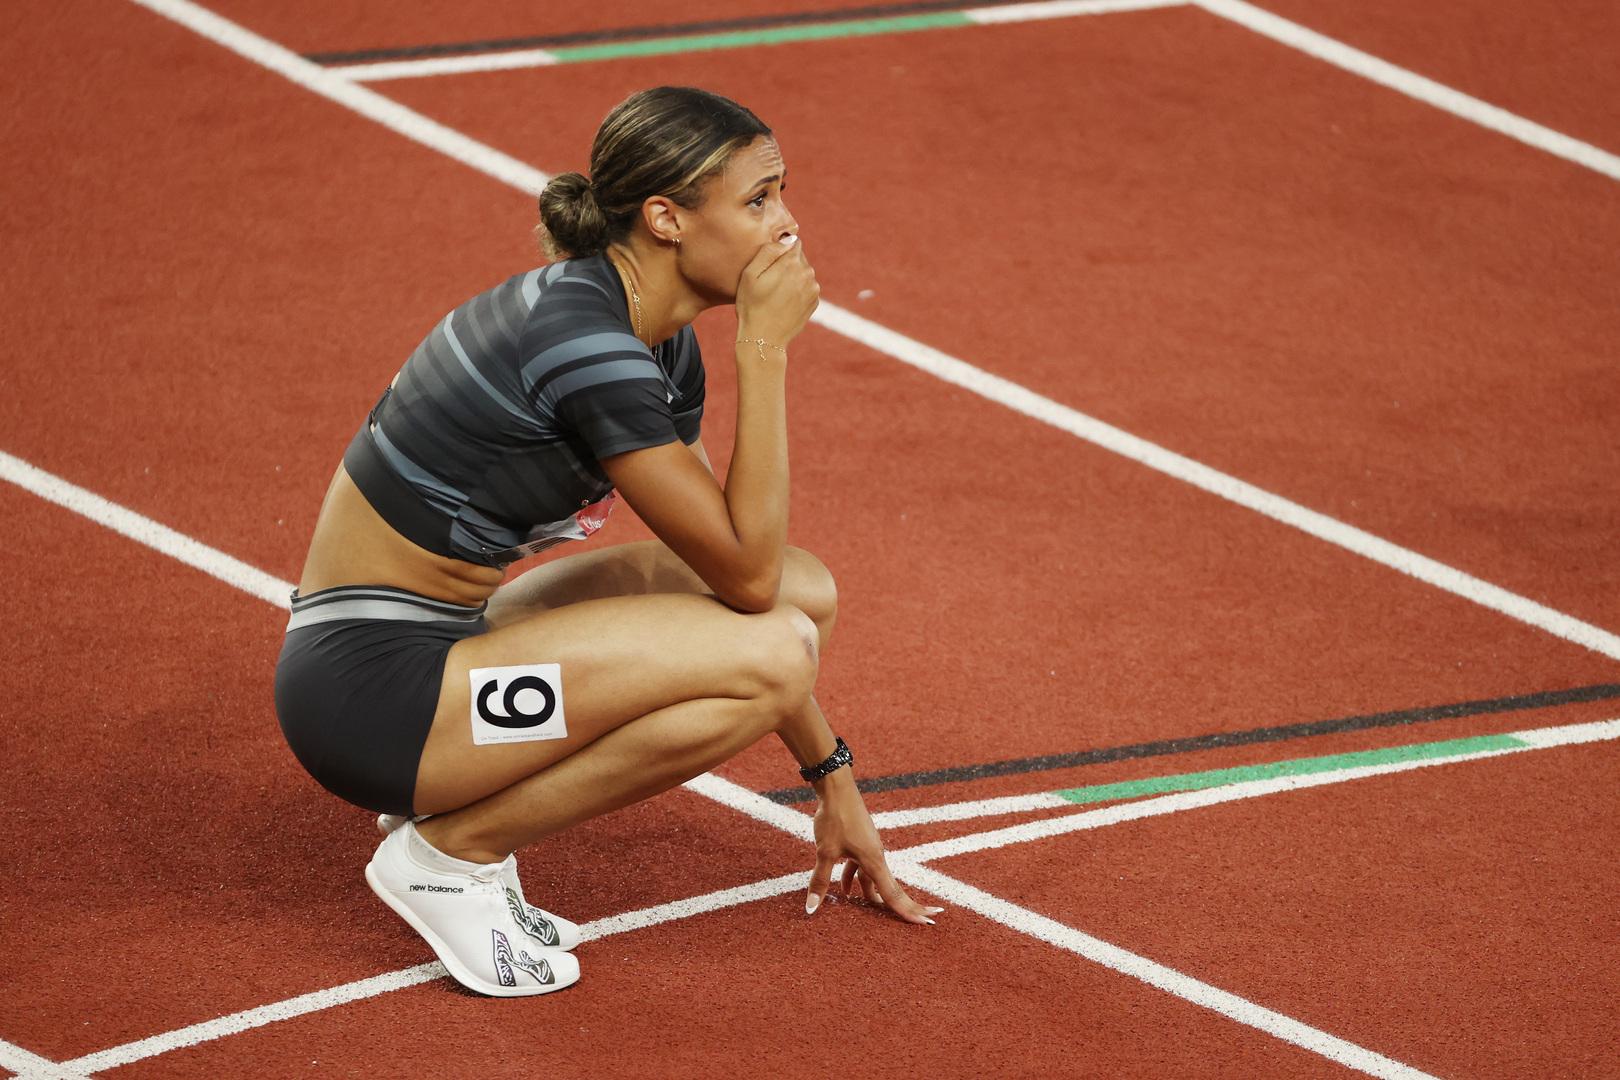 ماكلوجلين تحطم الرقم العالمي في سباق 400 متر حواجز (فيديو)